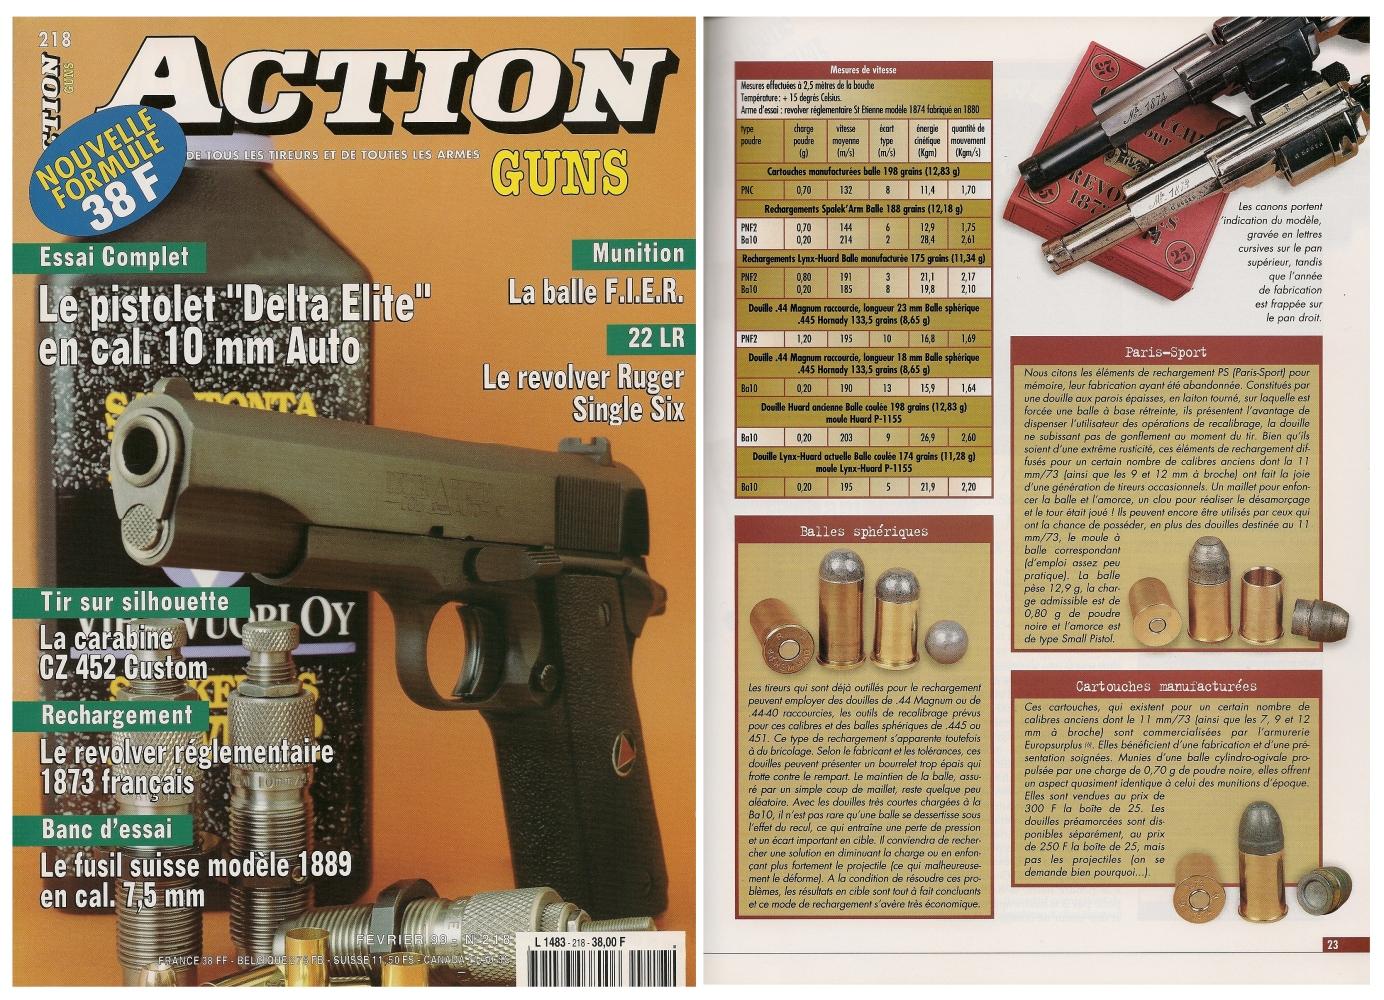 Le banc d'essai du revolver St Etienne modèle 1873 a été publié sur 6 pages dans le magazine Action Guns n°218 (février 1999)